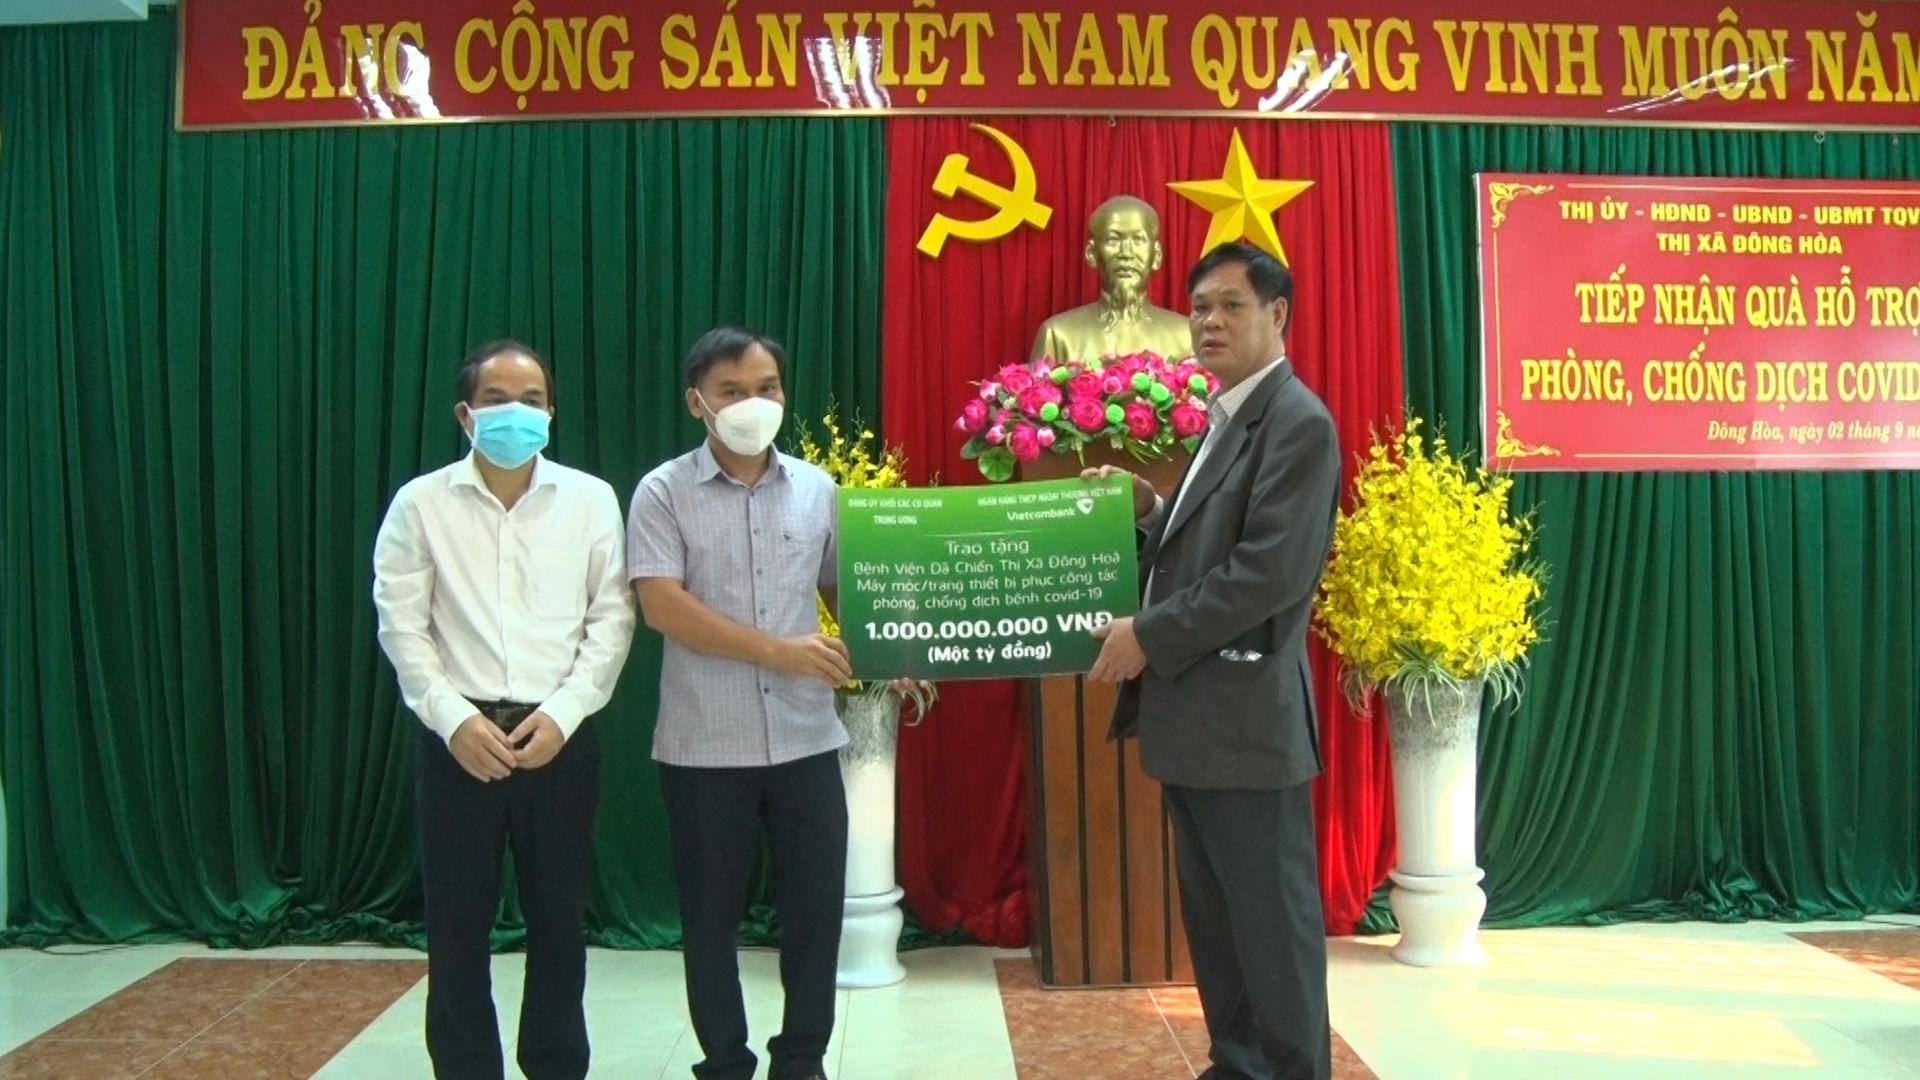 Đồng chí Huỳnh Tấn Việt (ngoài cùng bên phải) tặng 1 máy thở cho Bệnh viện dã chiến thị xã Đông Hòa